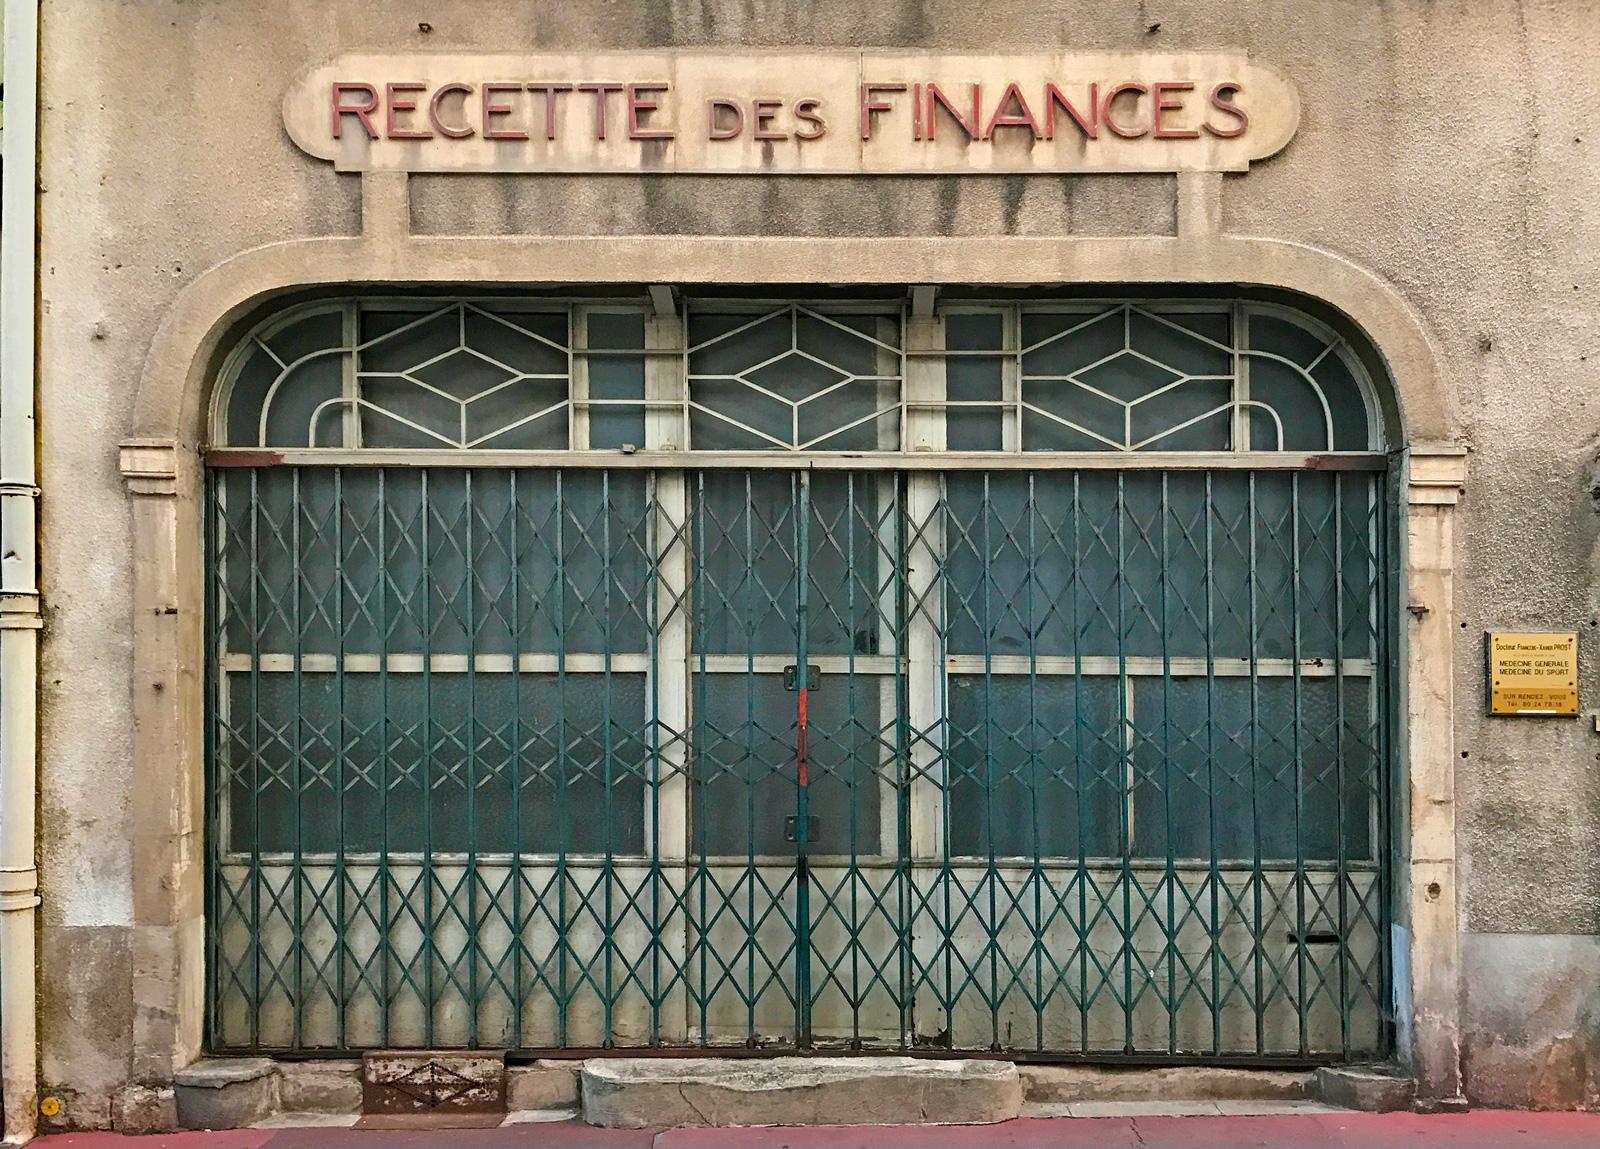 RecetteDesFinances.JPG